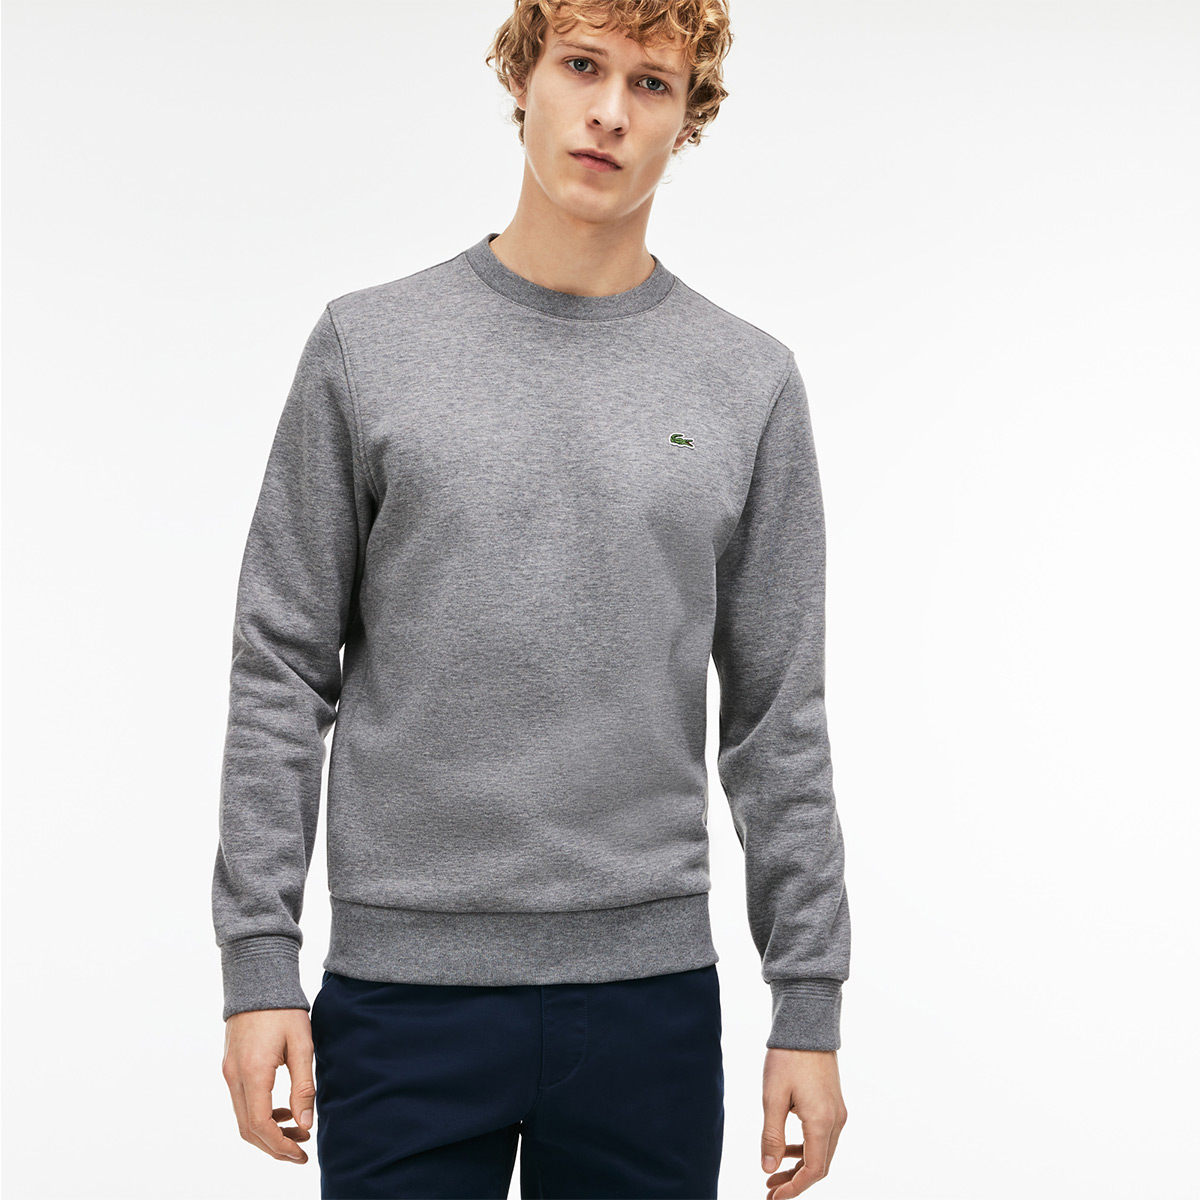 Lacoste-Mens-2018-Contrast-Accents-Crew-Neck-Cotton-Blend-Sweatshirt